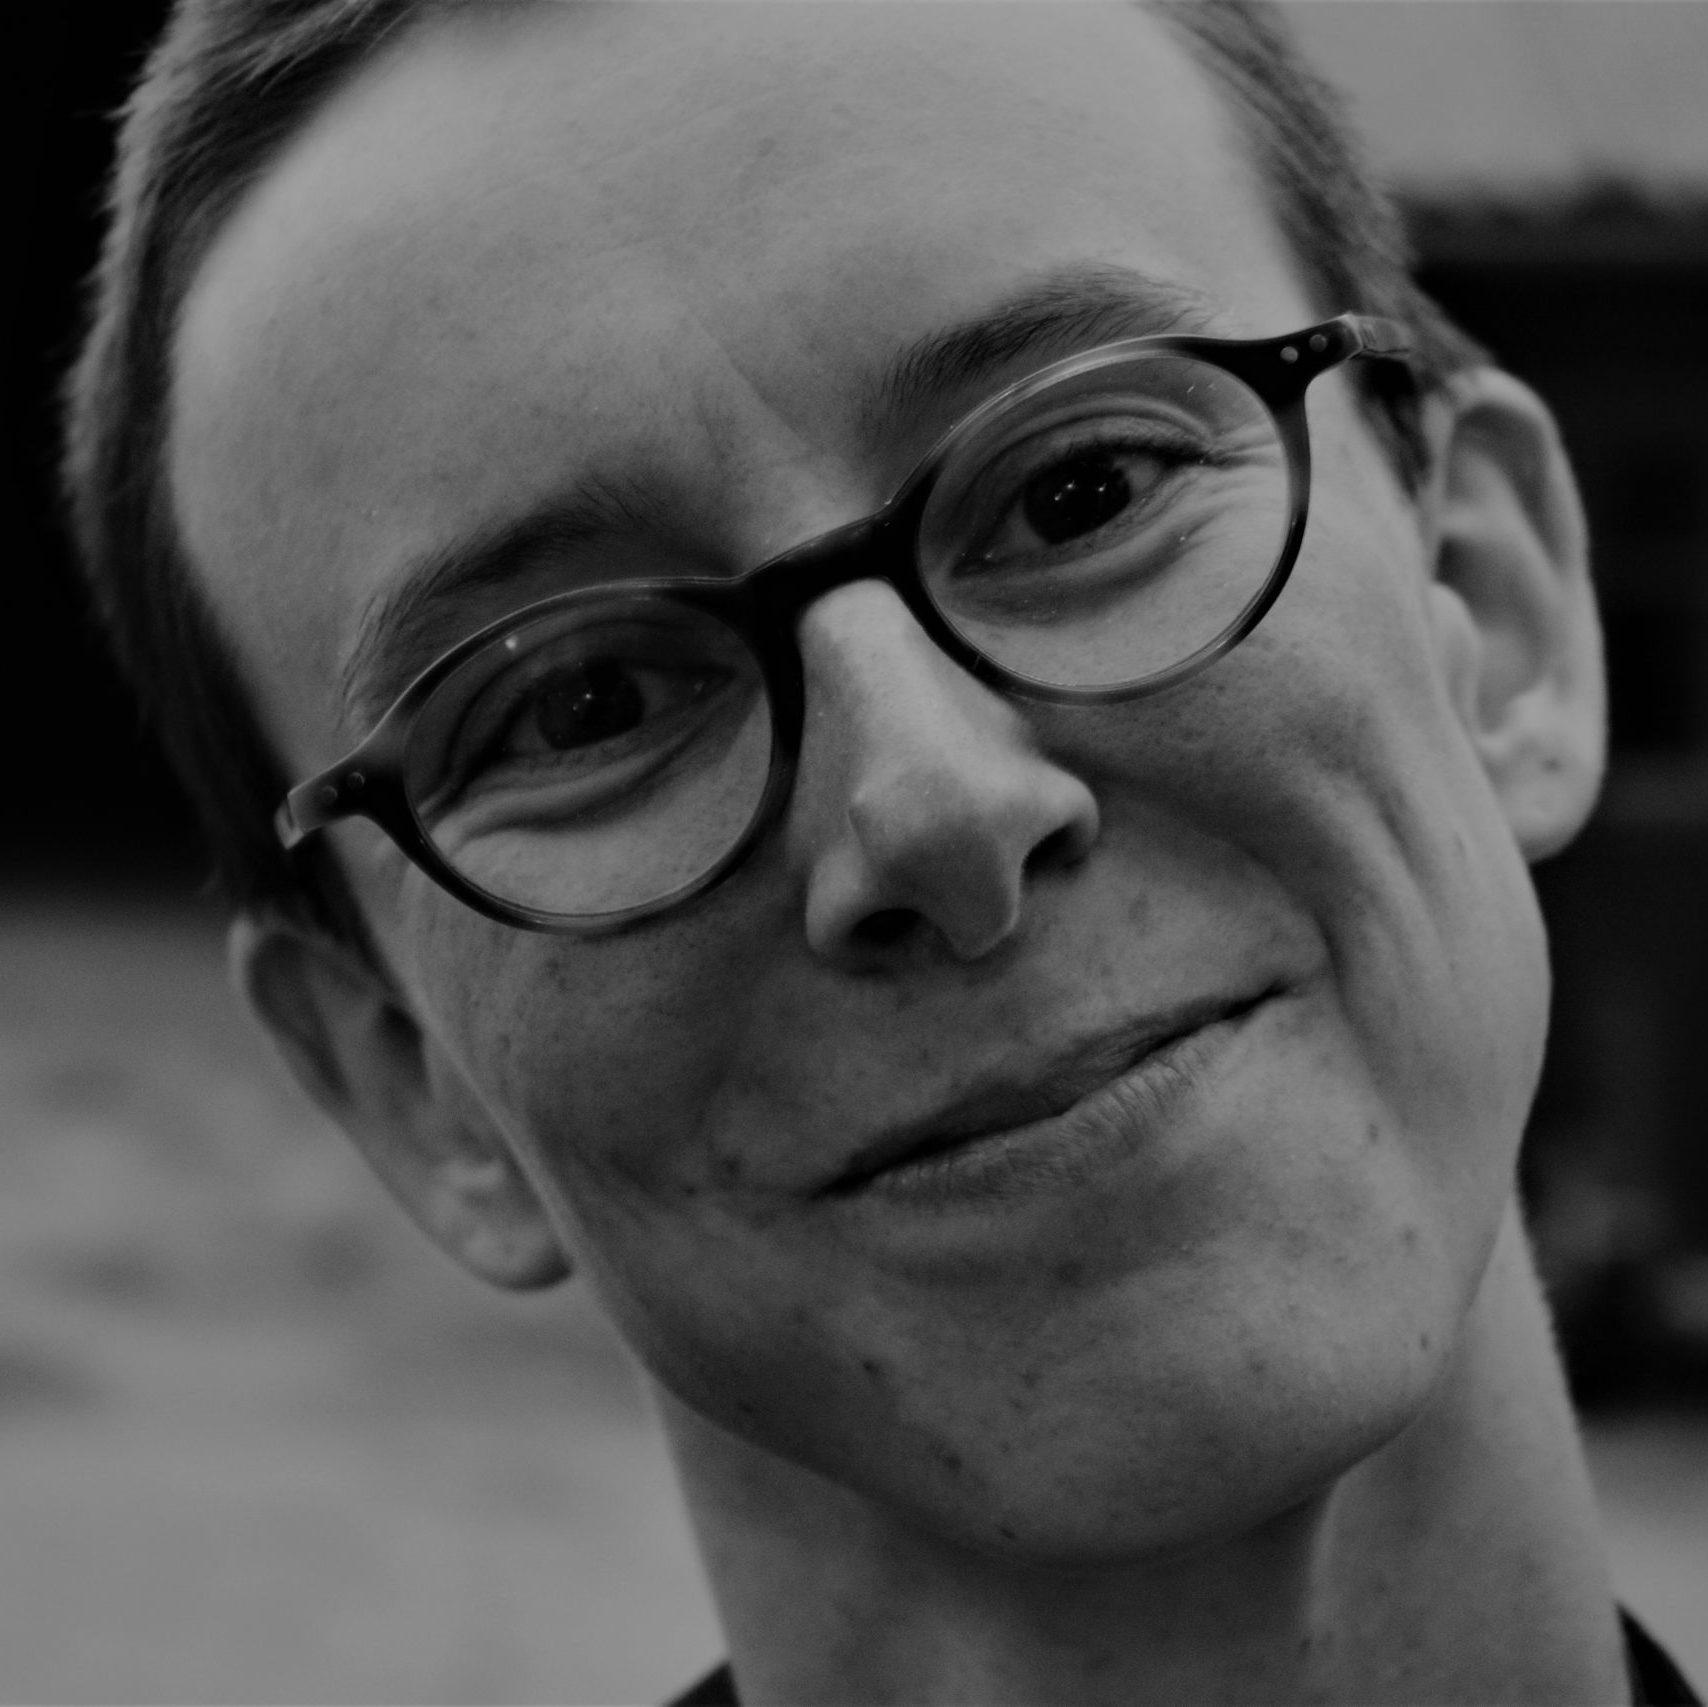 Dieses Bild zeigt eine nicht-binäre, weiße Person mitte zwanzig mit kurzen Haaren und runder Brille in Schwarz-Weiß.